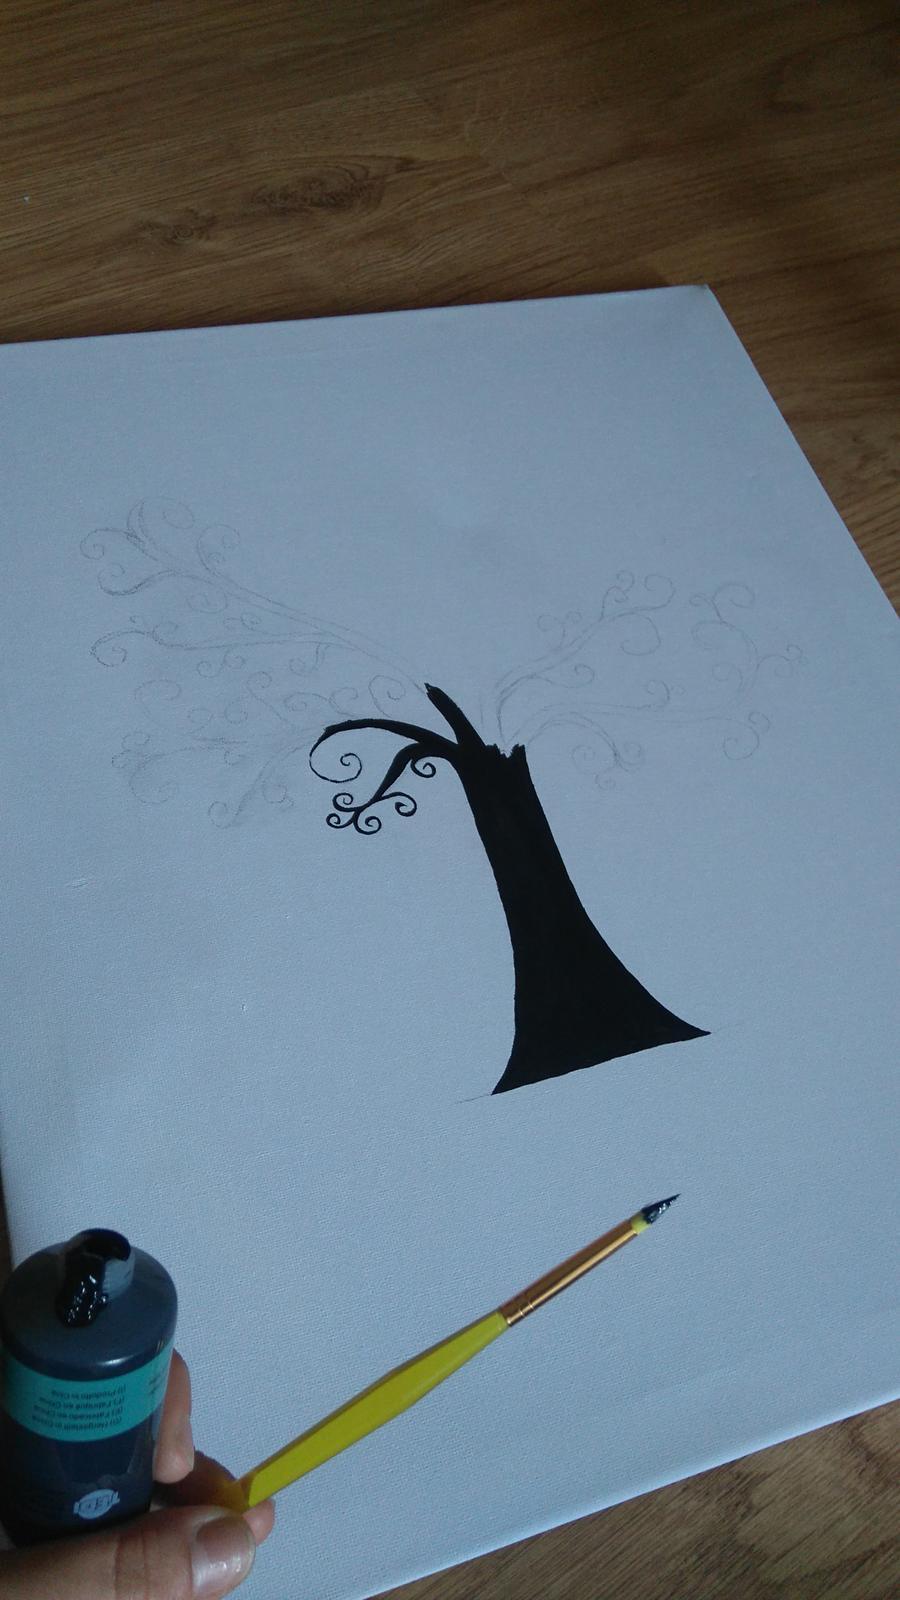 Bude svadba, svadbička :) - malujem svadobny strom ...držte palce